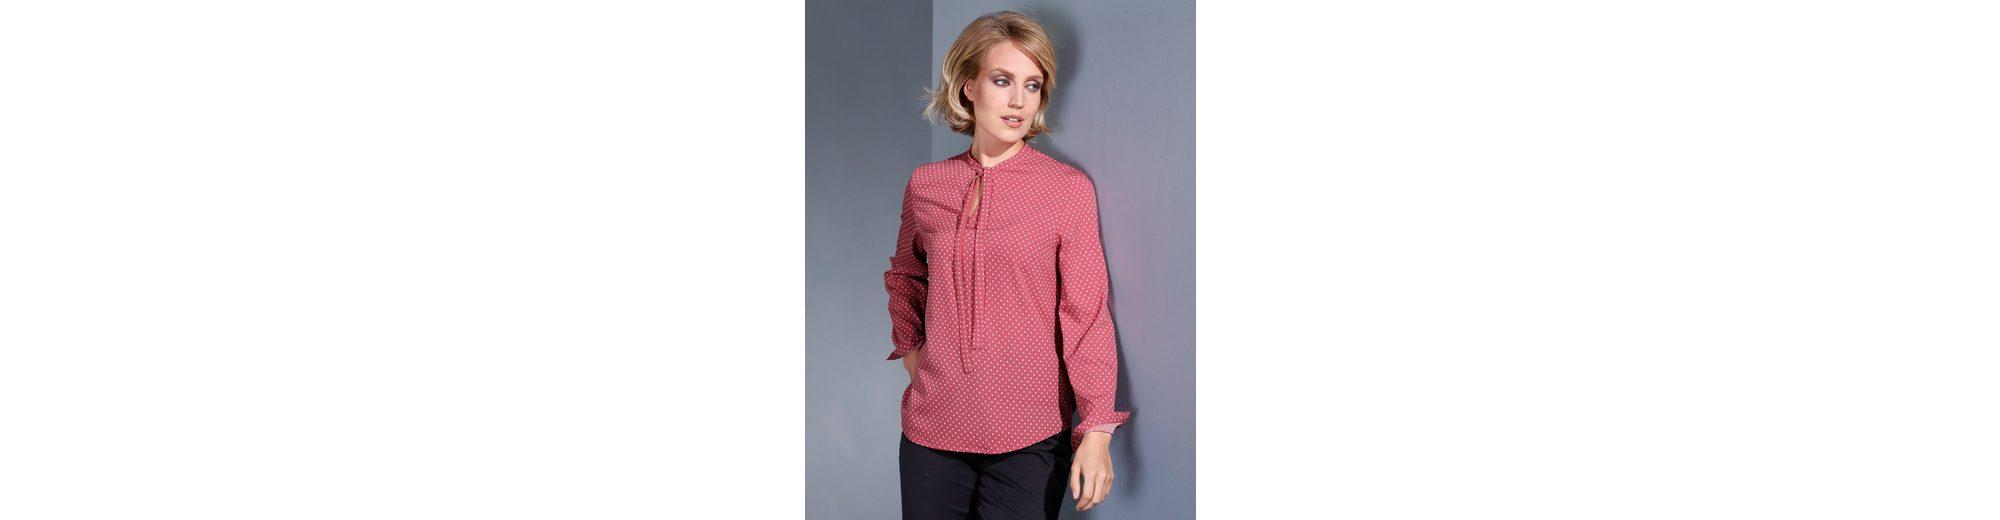 Dress In Bluse mit Minimal-Dessin Freies Verschiffen Erstaunlicher Preis Lieferung Frei Haus Mit Kreditkarte Sehr Günstiger Preis i1y3NbwxPi